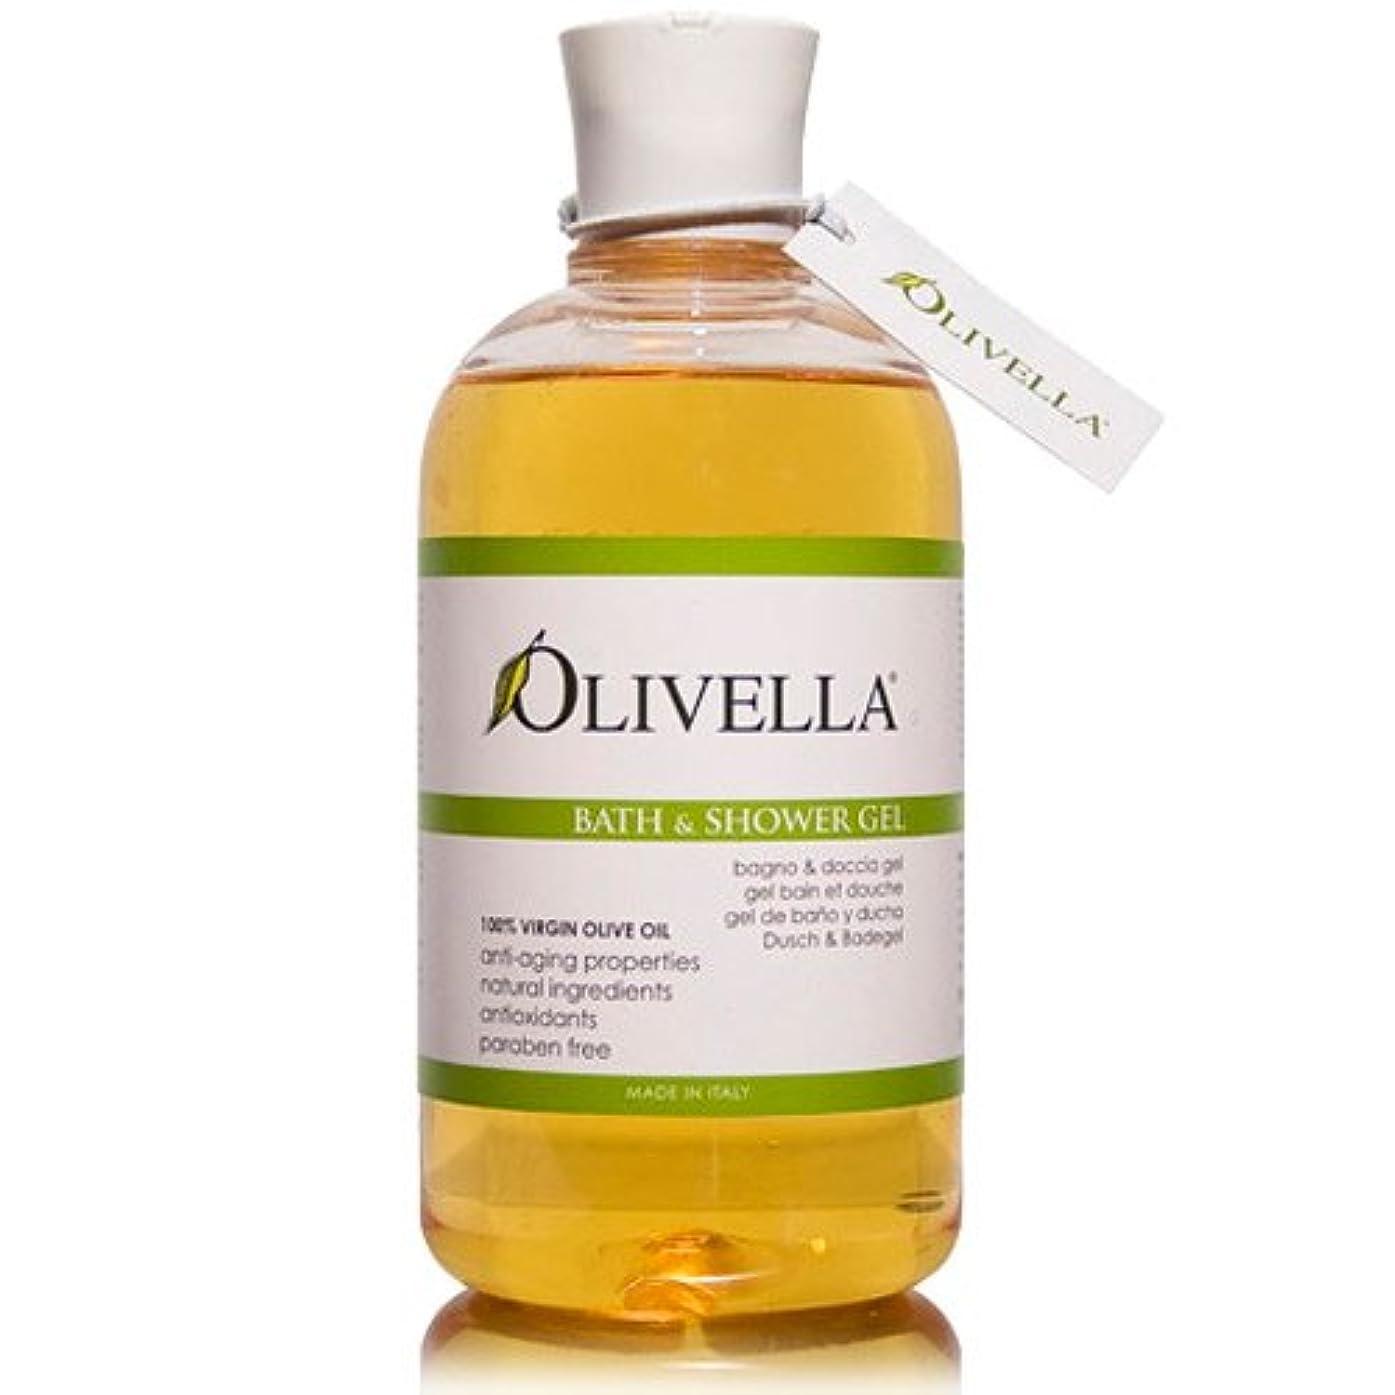 補正緊張Olivella Olive Oil Bath & Shower Gel Original/Classic 16.9 oz. / 500 ml (並行輸入品)